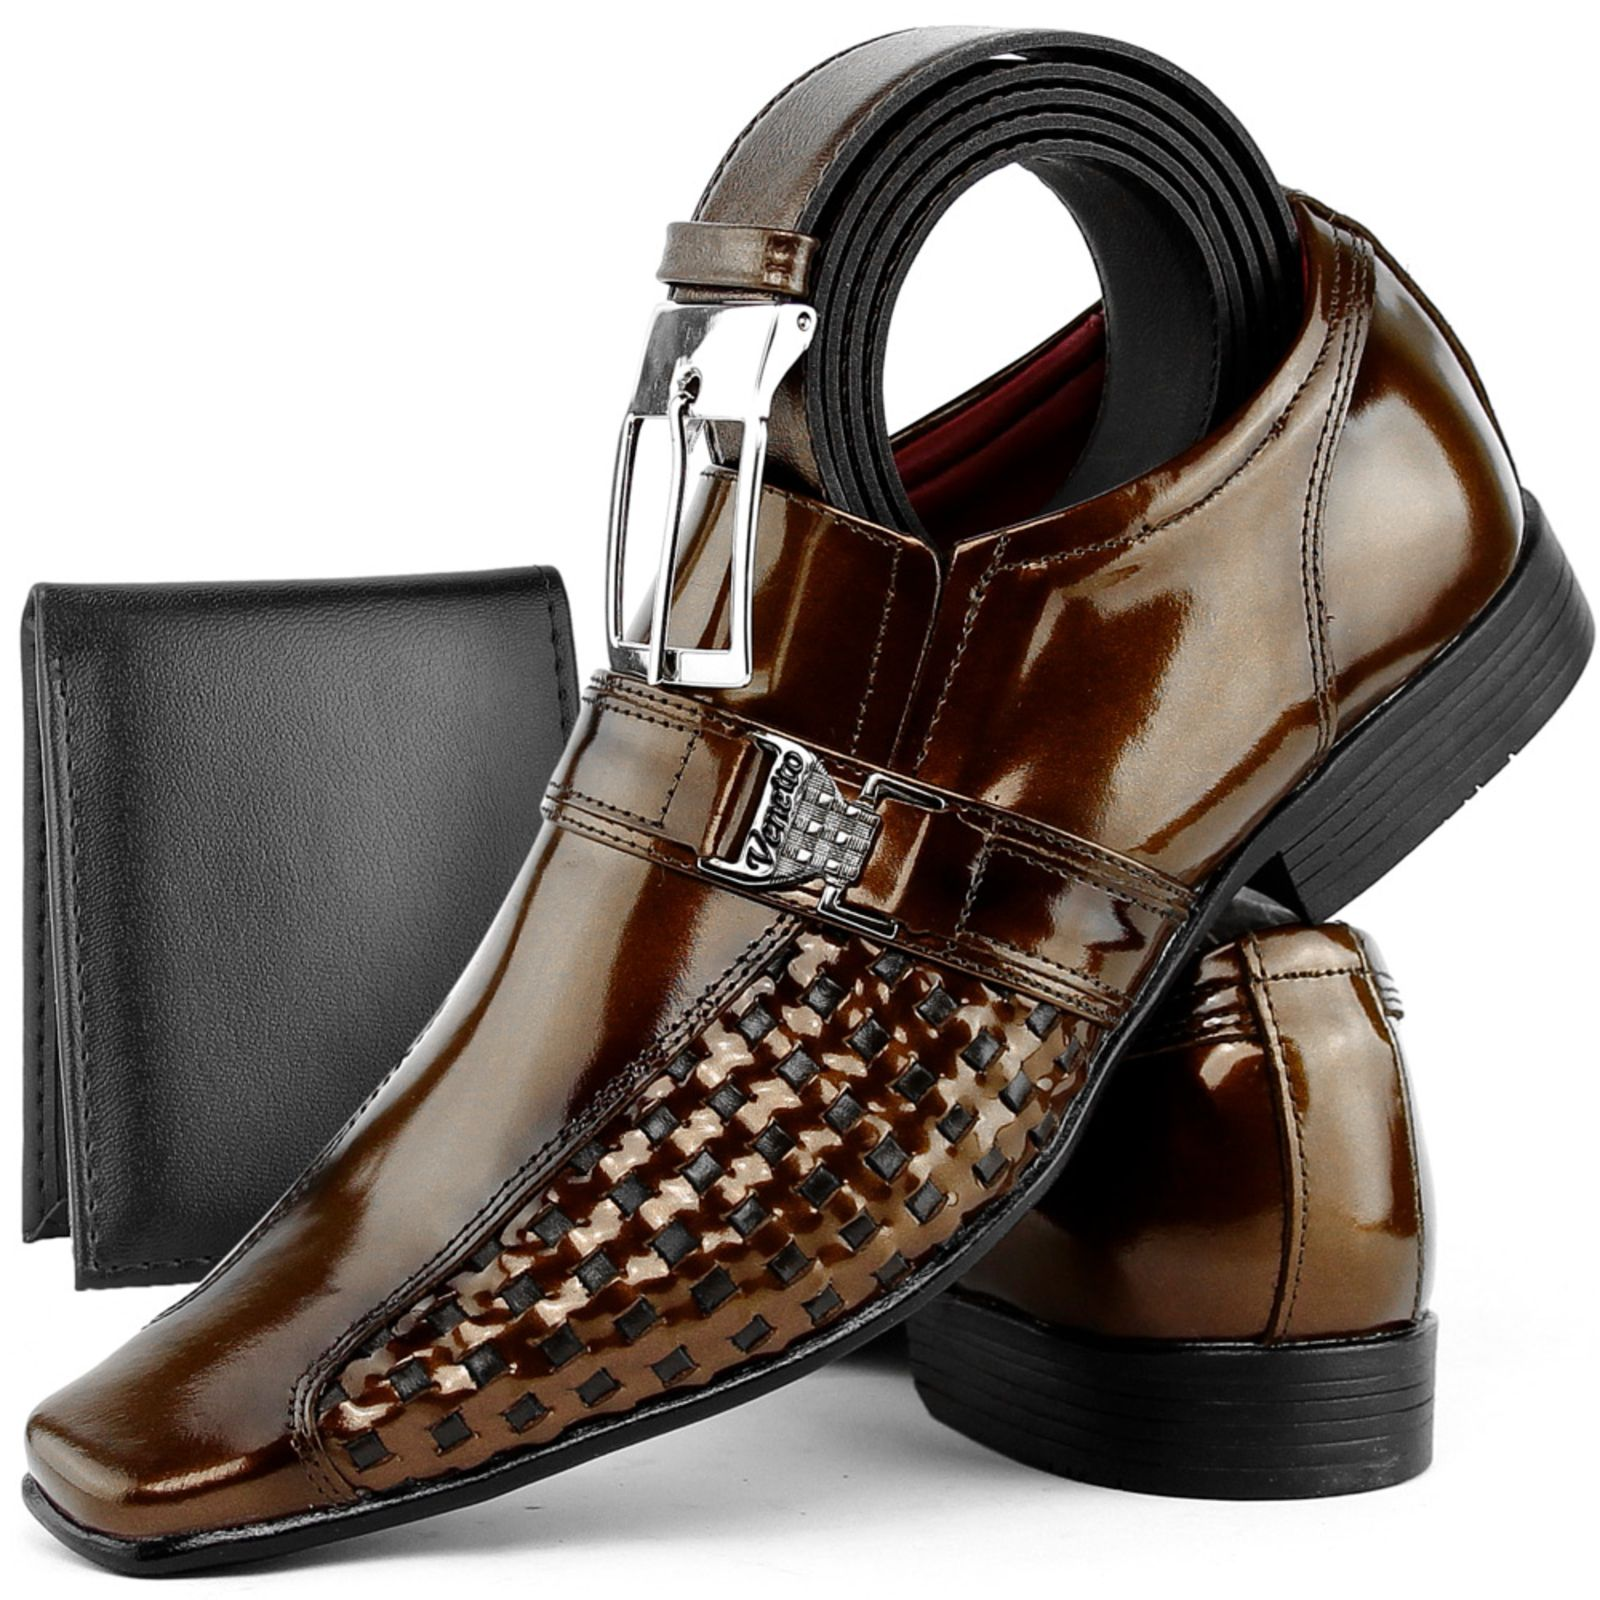 ab2e08f4c Kit Sapato Social Couro Venetto Verniz Marrom Sapato Social Masculino  Couro, Sapatos Formais, Cinto